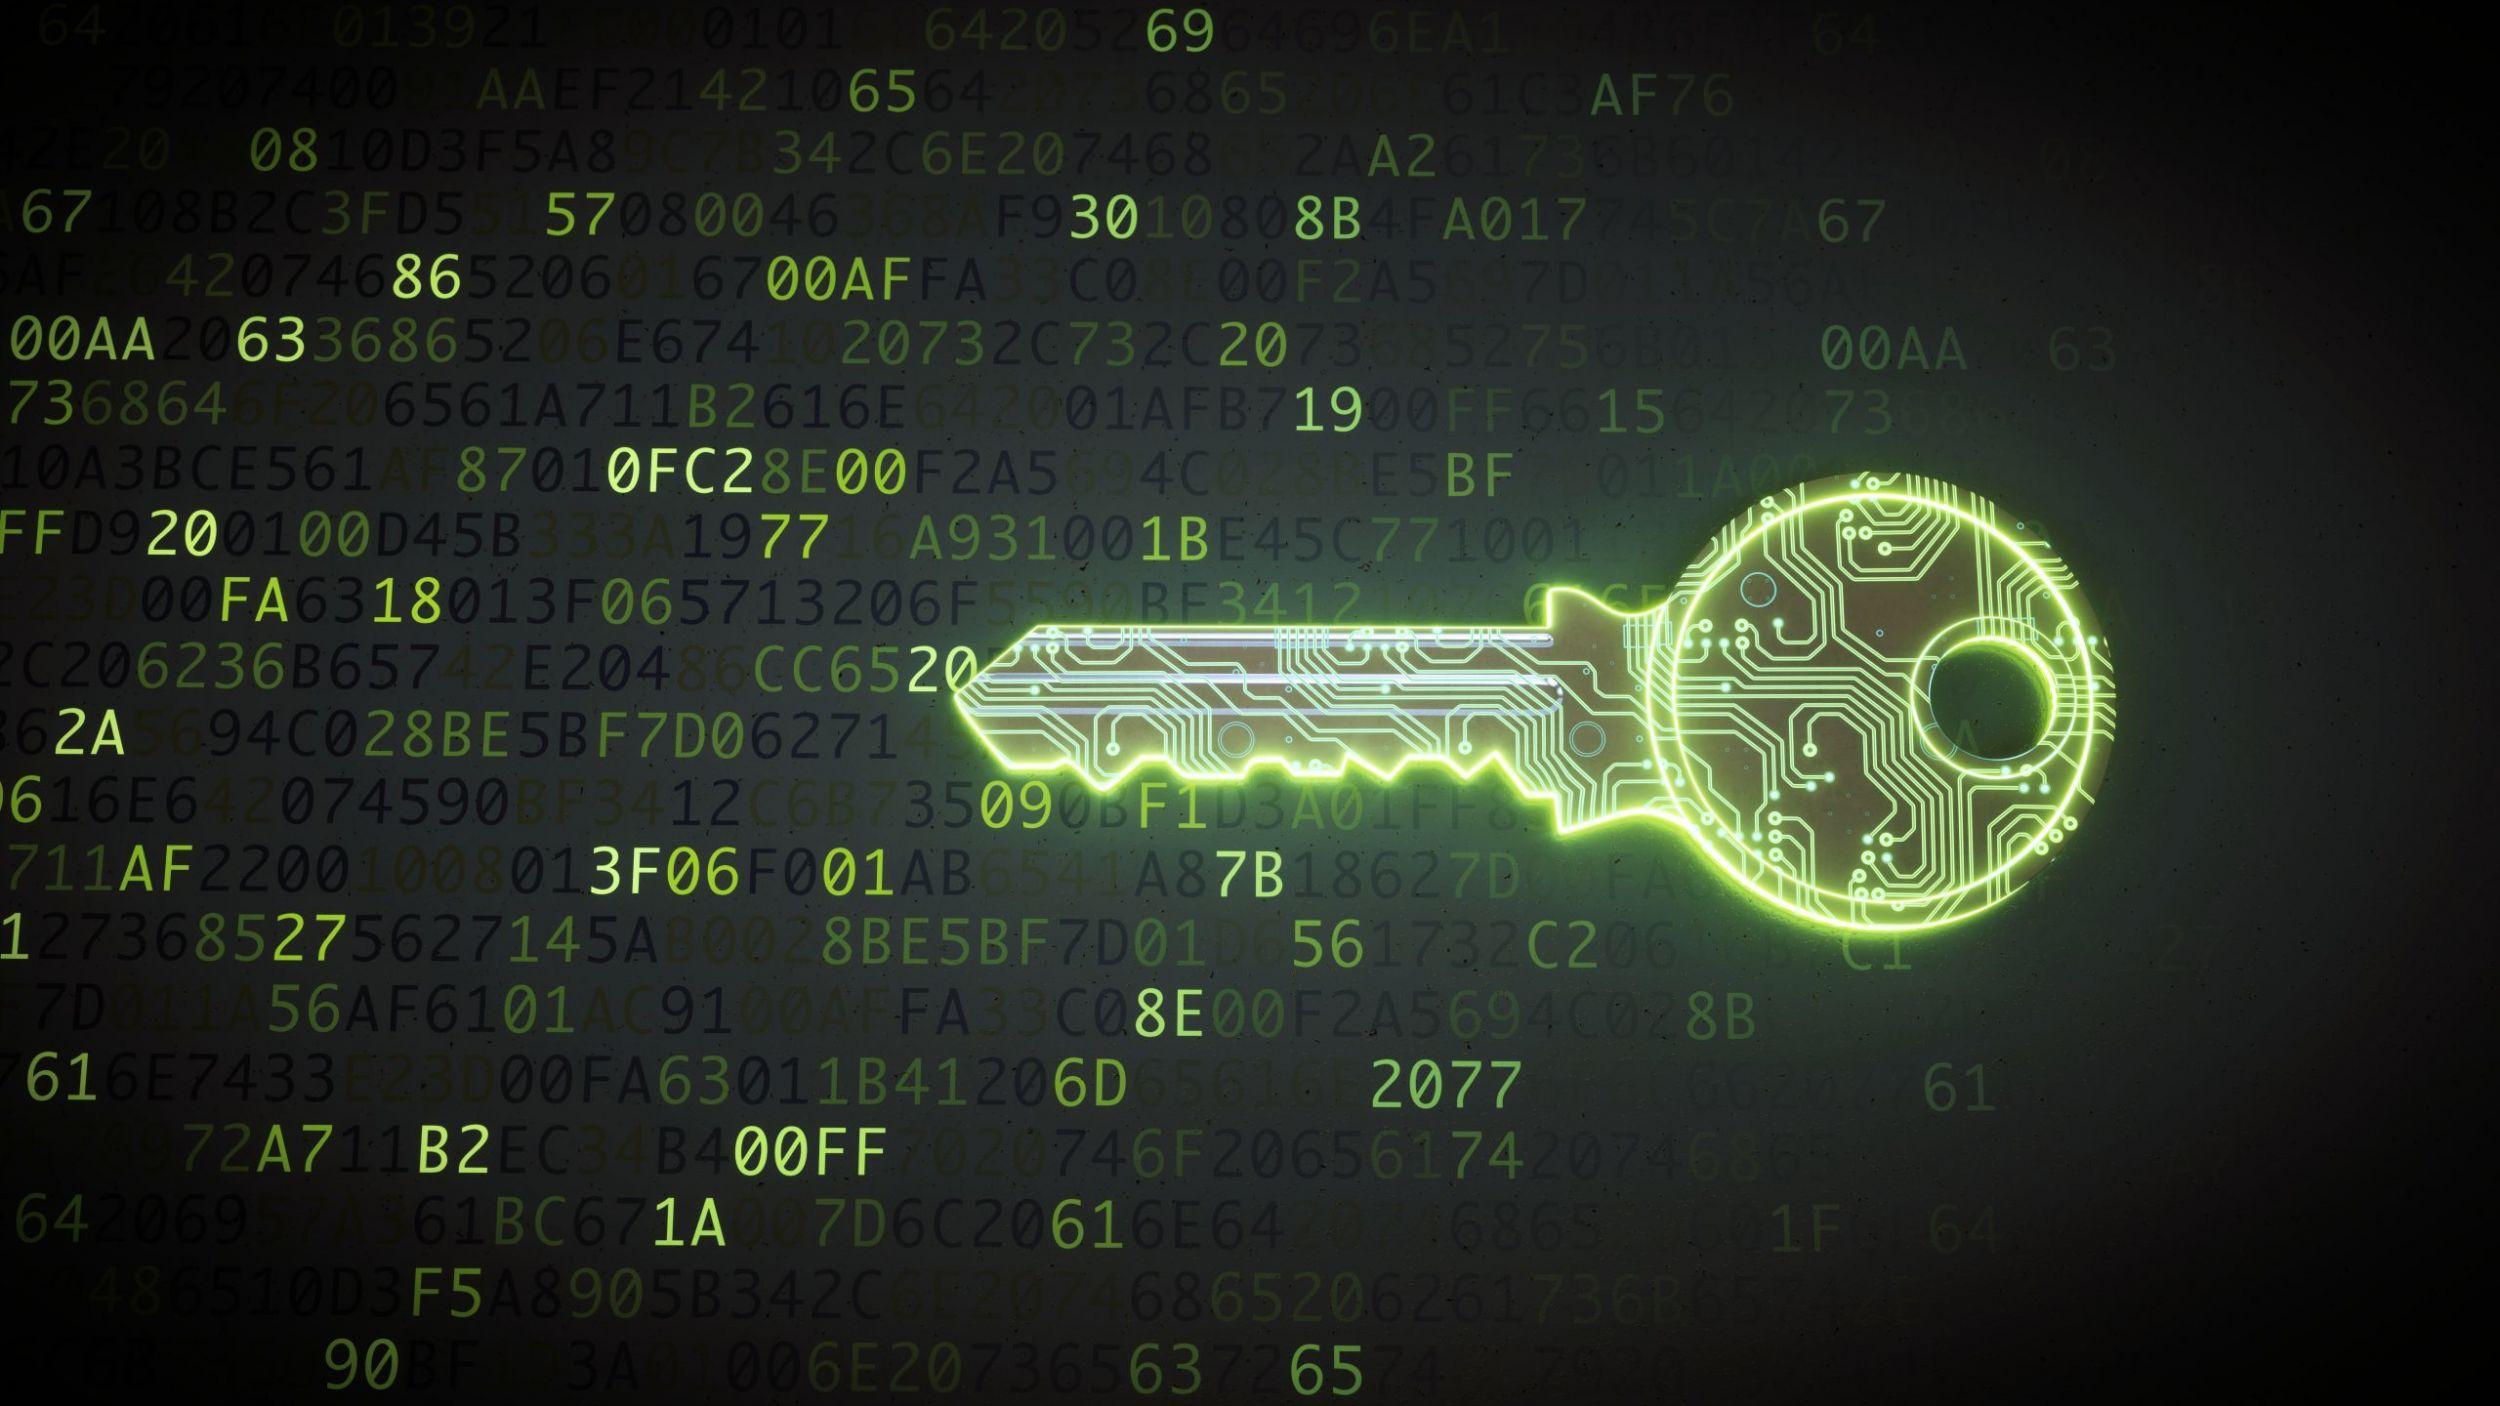 Informationssicherheit: So einfach wie P-K-I